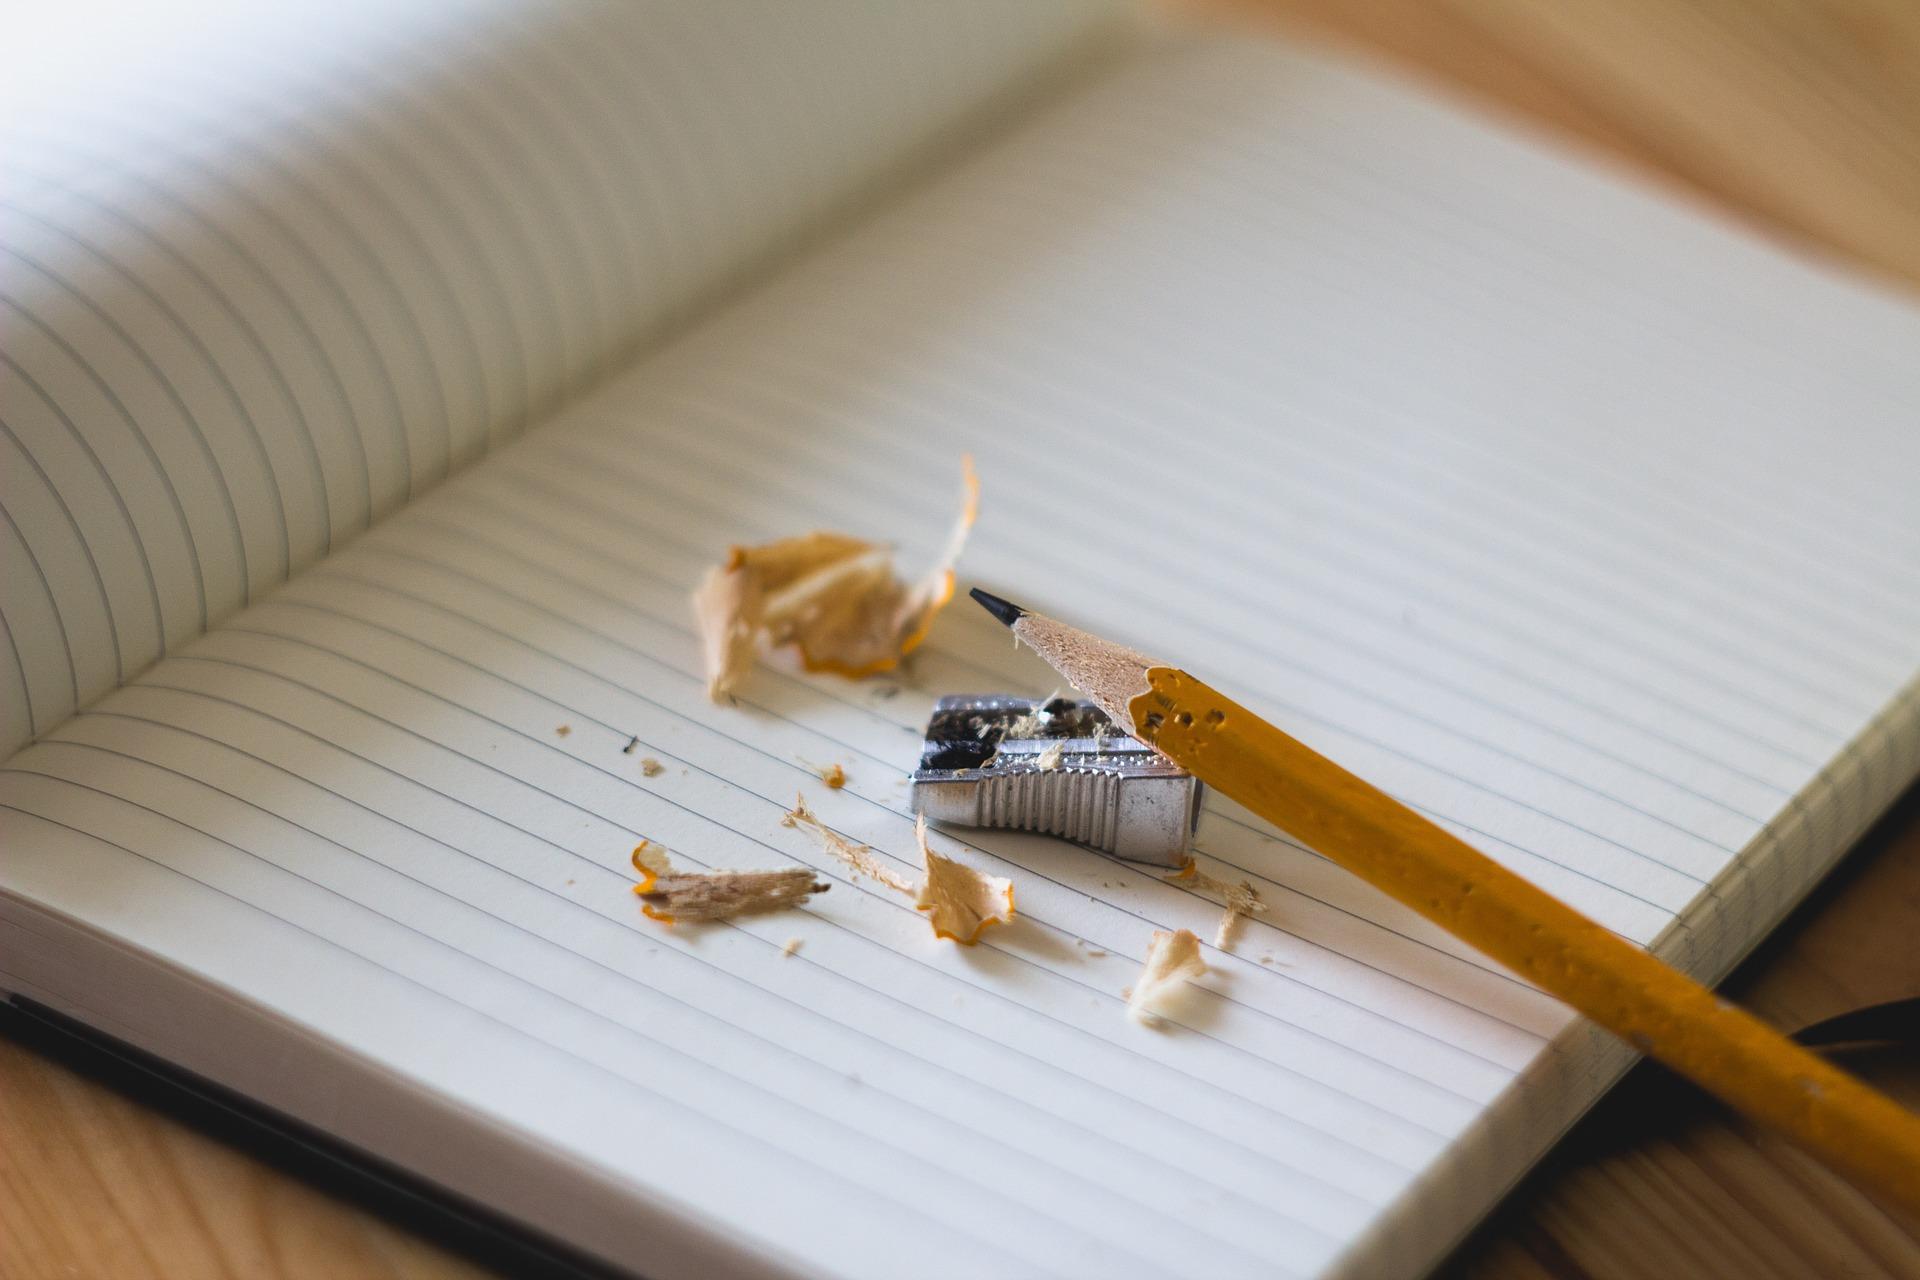 EDUCAÇÃO É A CHAVE PARA GARANTIR DIREITOS FUNDAMENTAIS À PESSOAS COM DEFICIÊNCIA, DIZ JURISTA